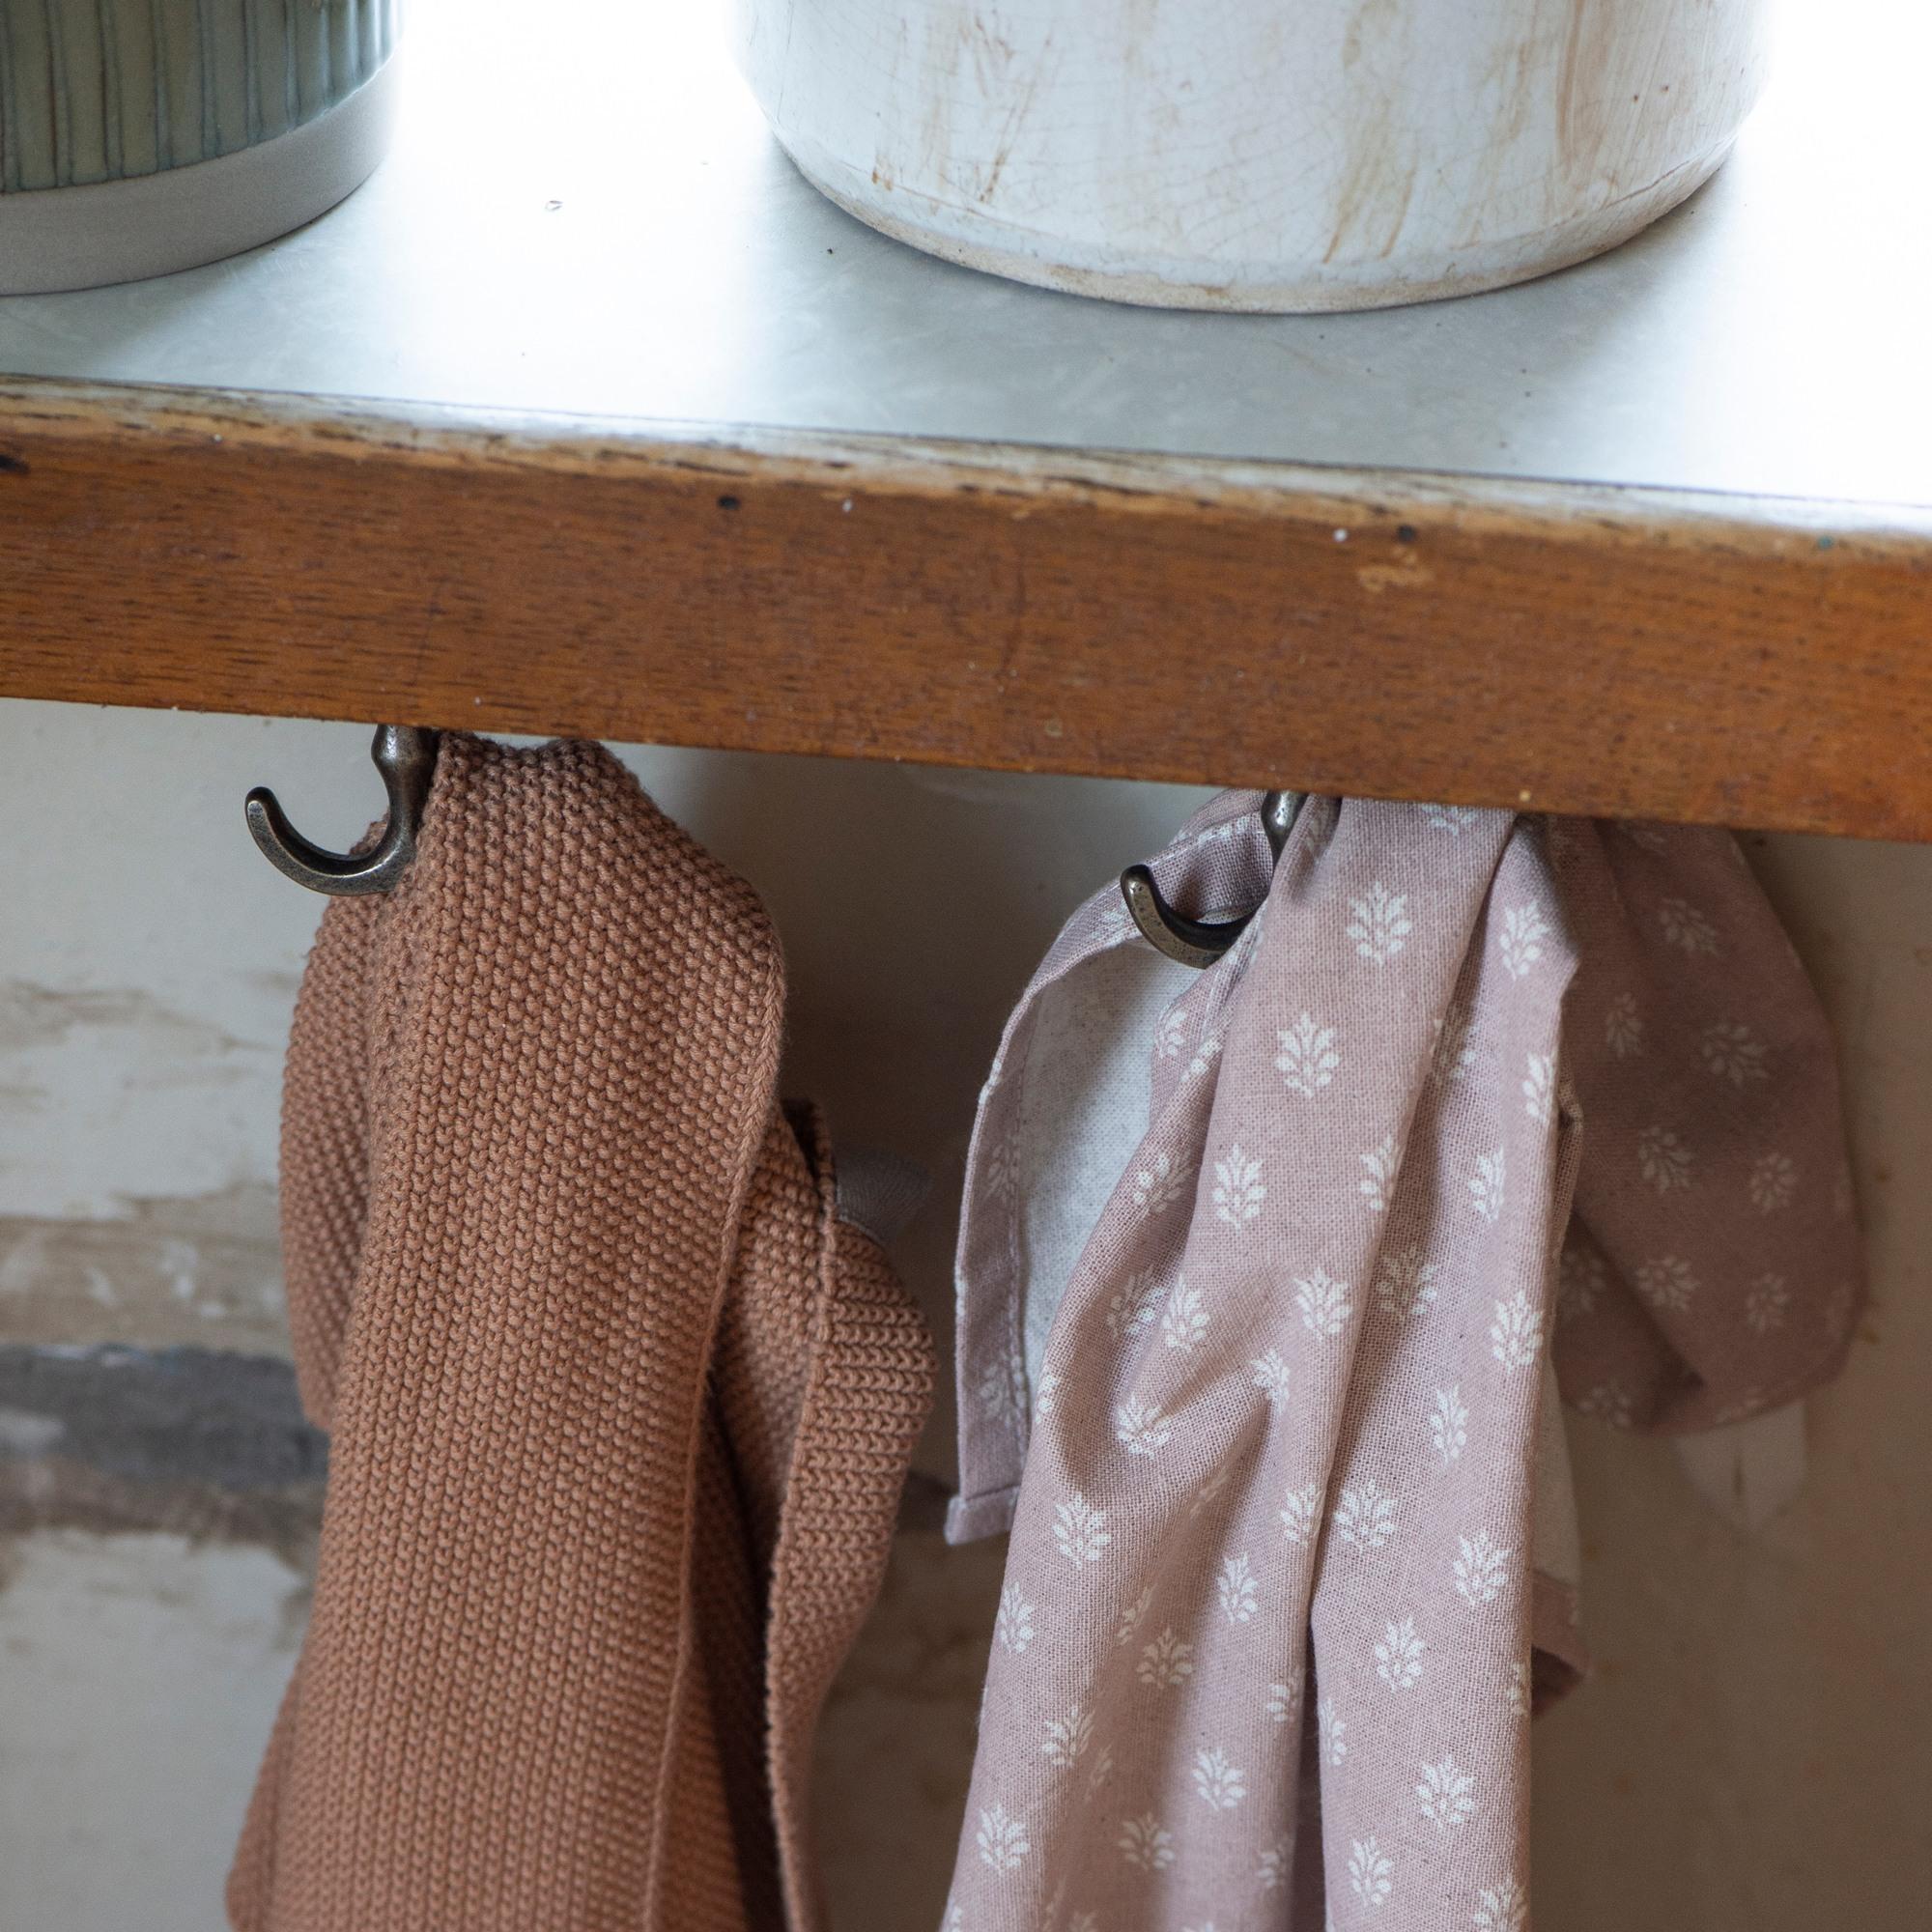 Under Shelf Double Hook